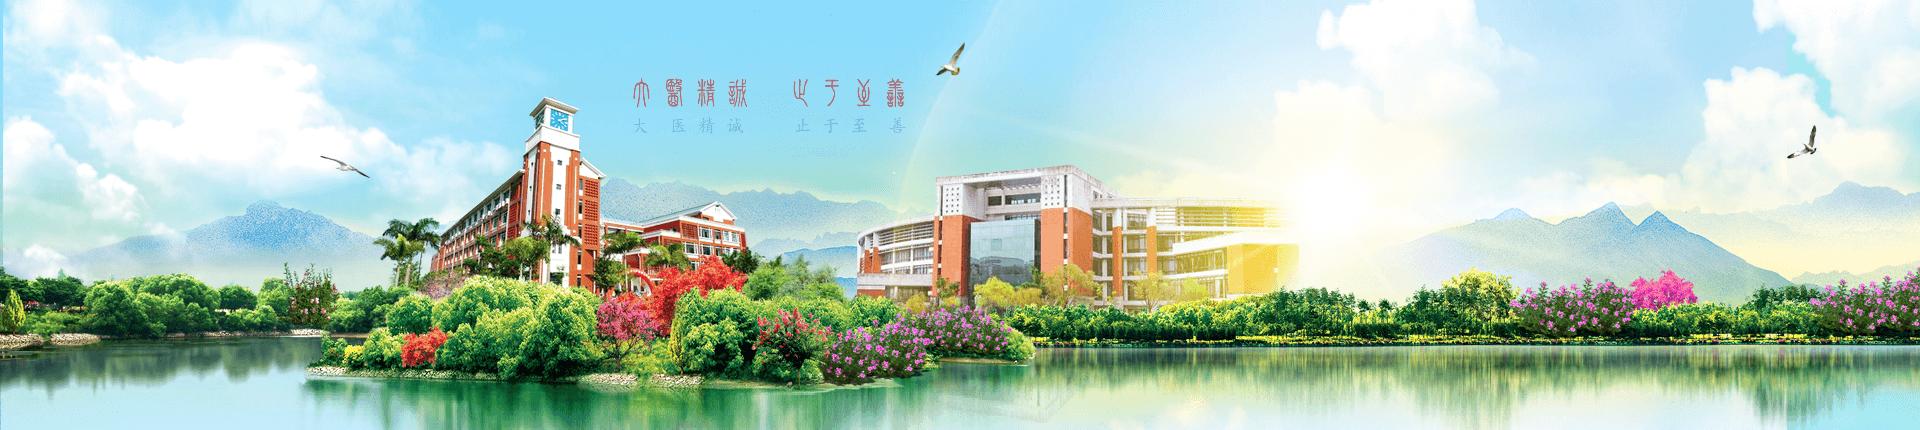 福建中医药大学